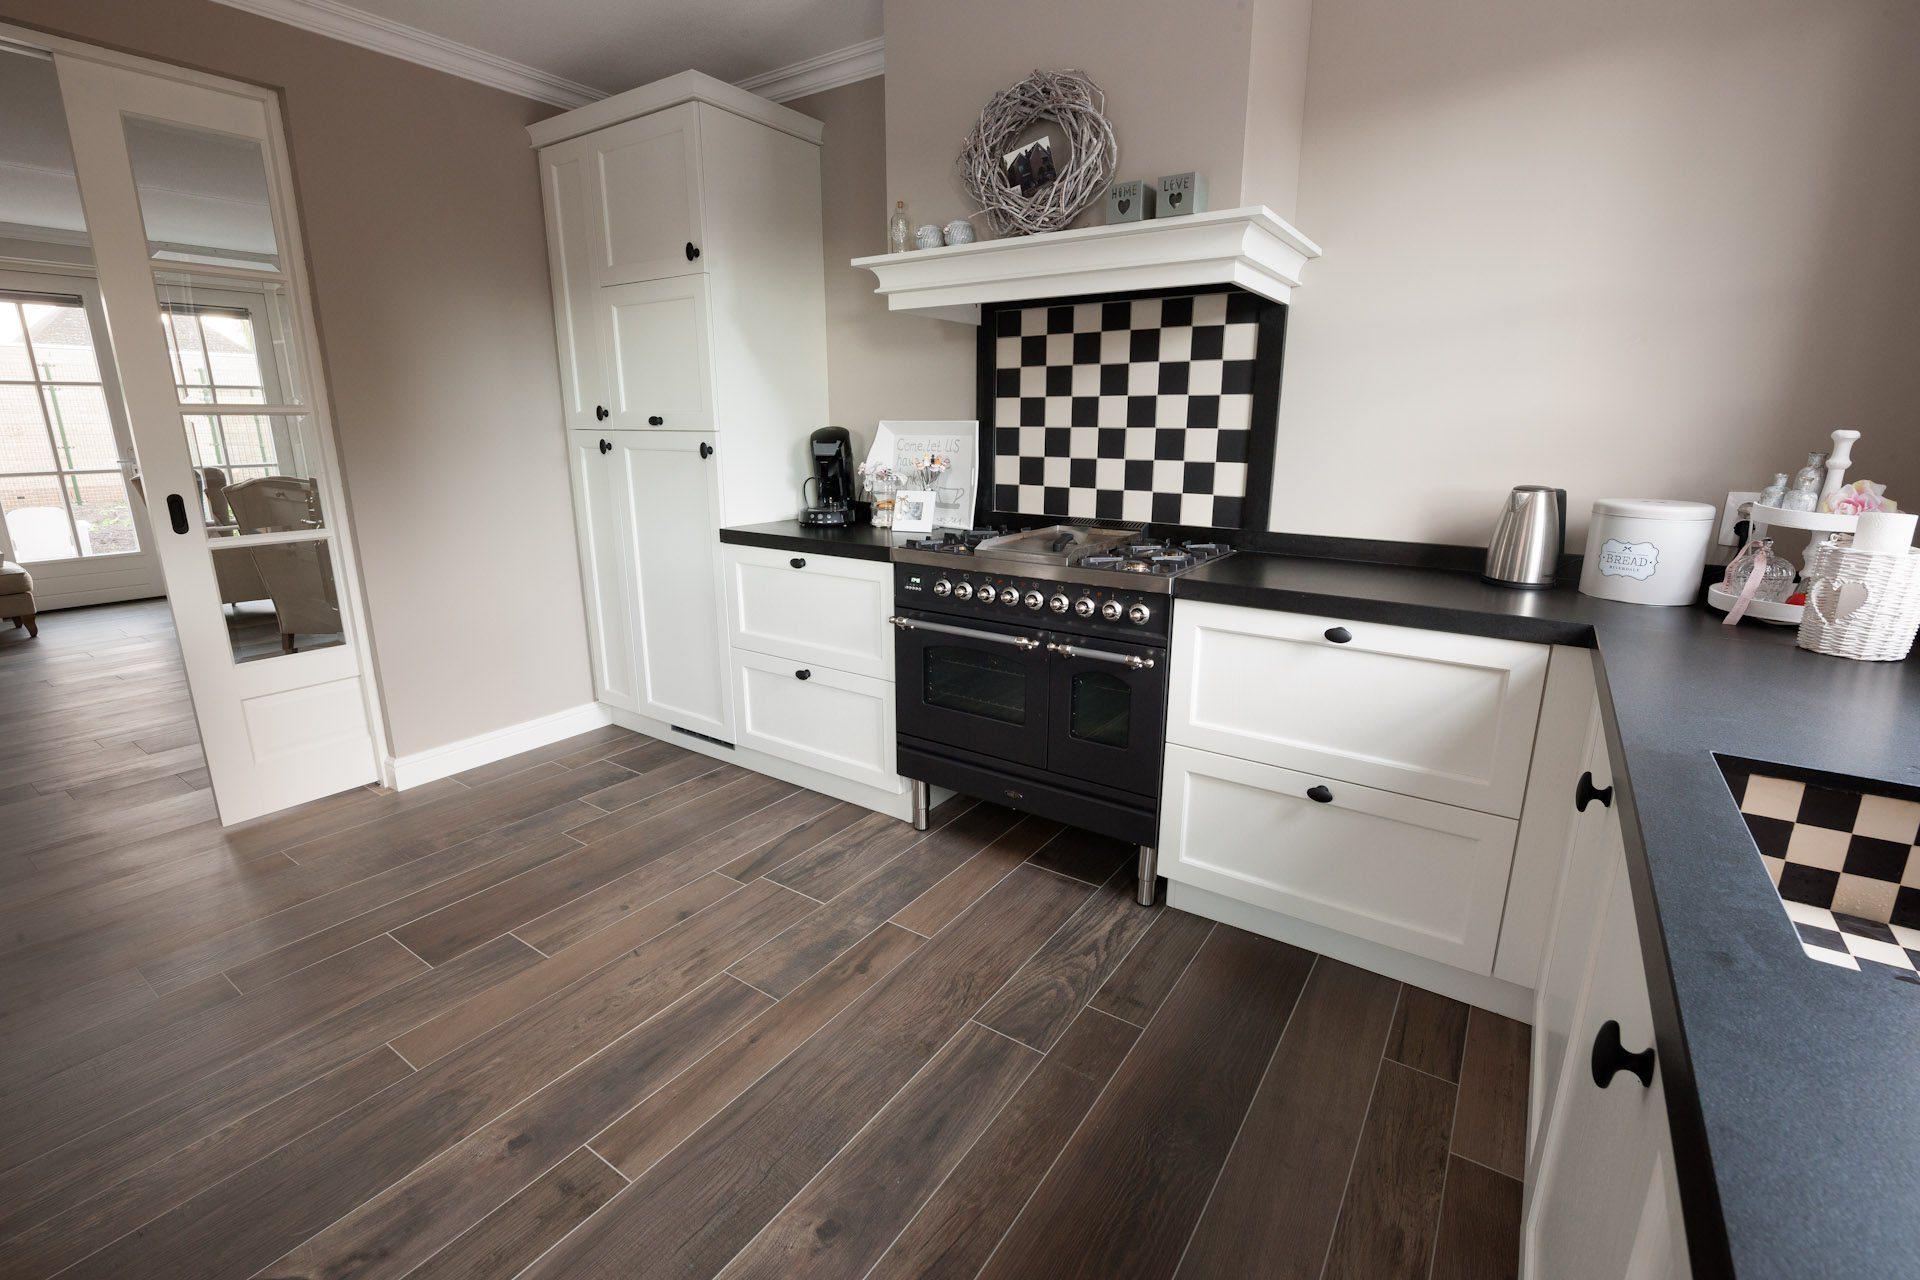 Keuken Badkamer Vloeren : Tegelvloer houtlook kroon vloeren in steen